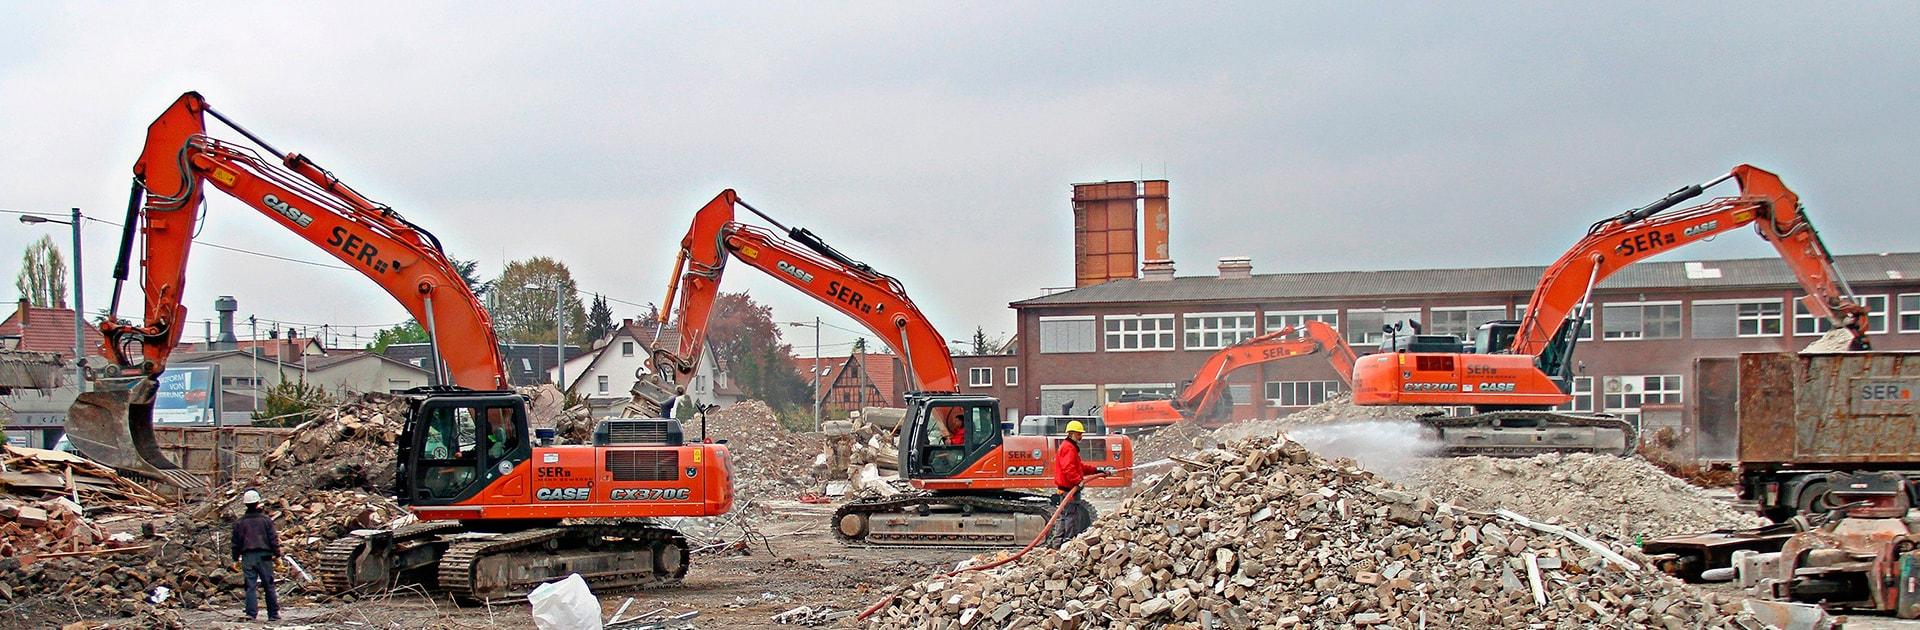 Для демонтажа и сноса здания также оформляется проект. Это нужно, чтобы обеспечить безопасность работ.